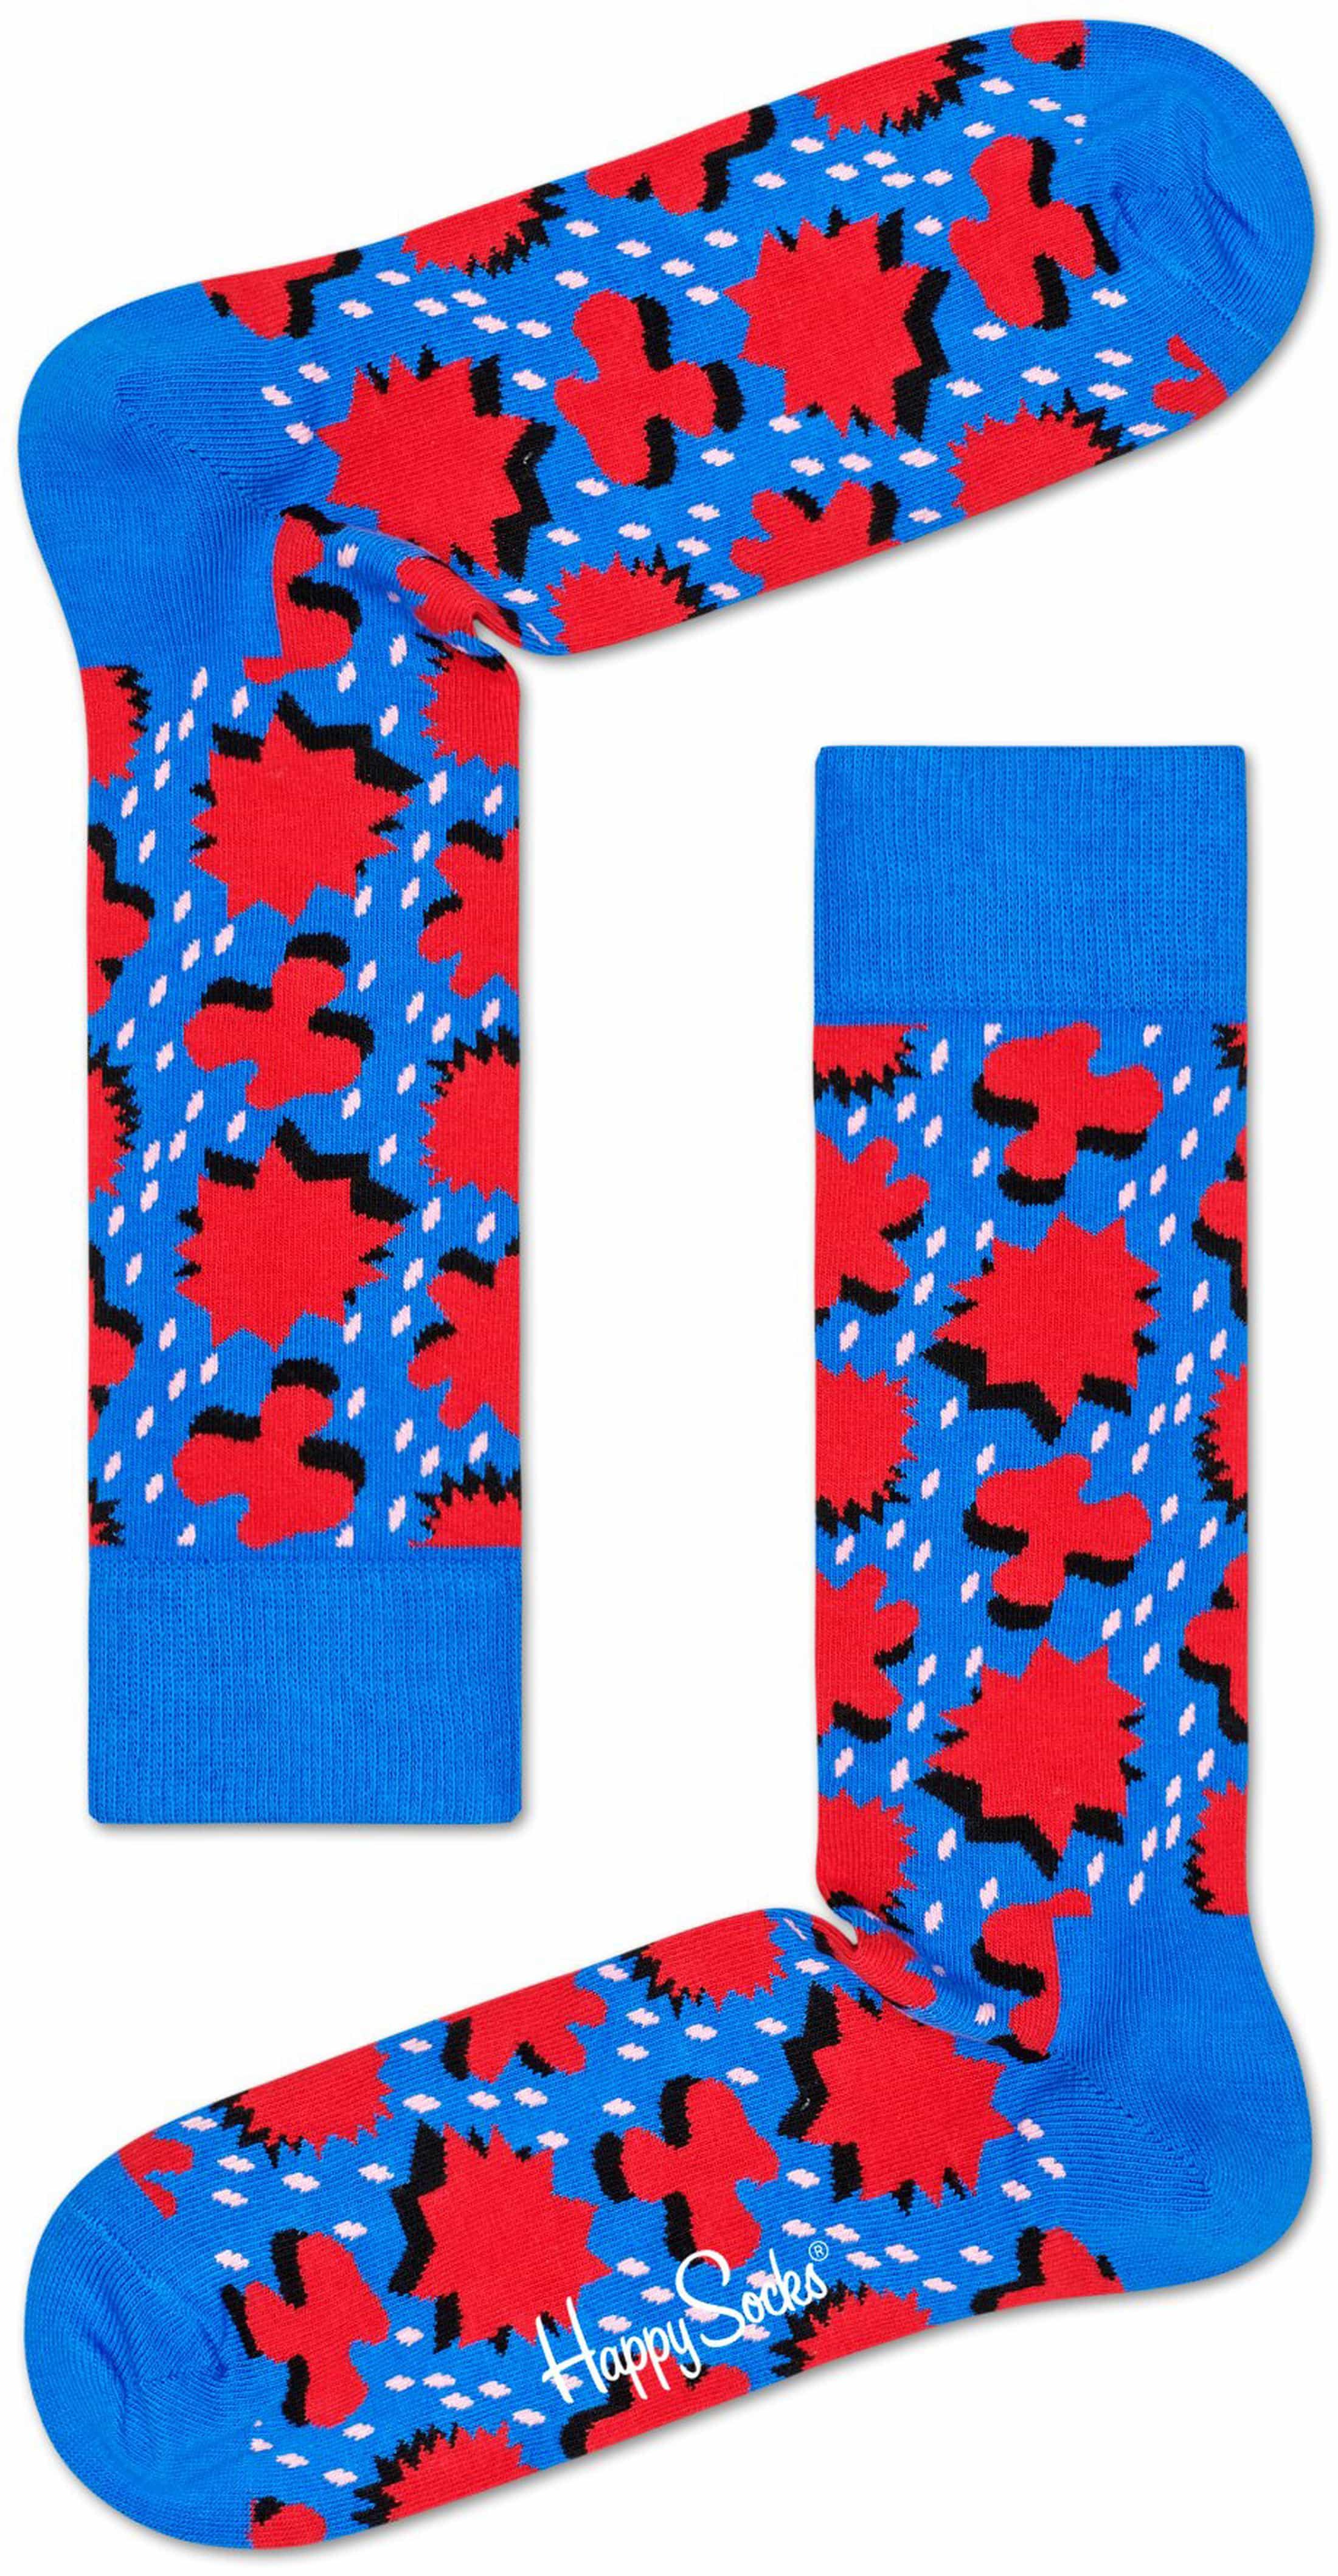 Happy Socks Rätsel foto 0